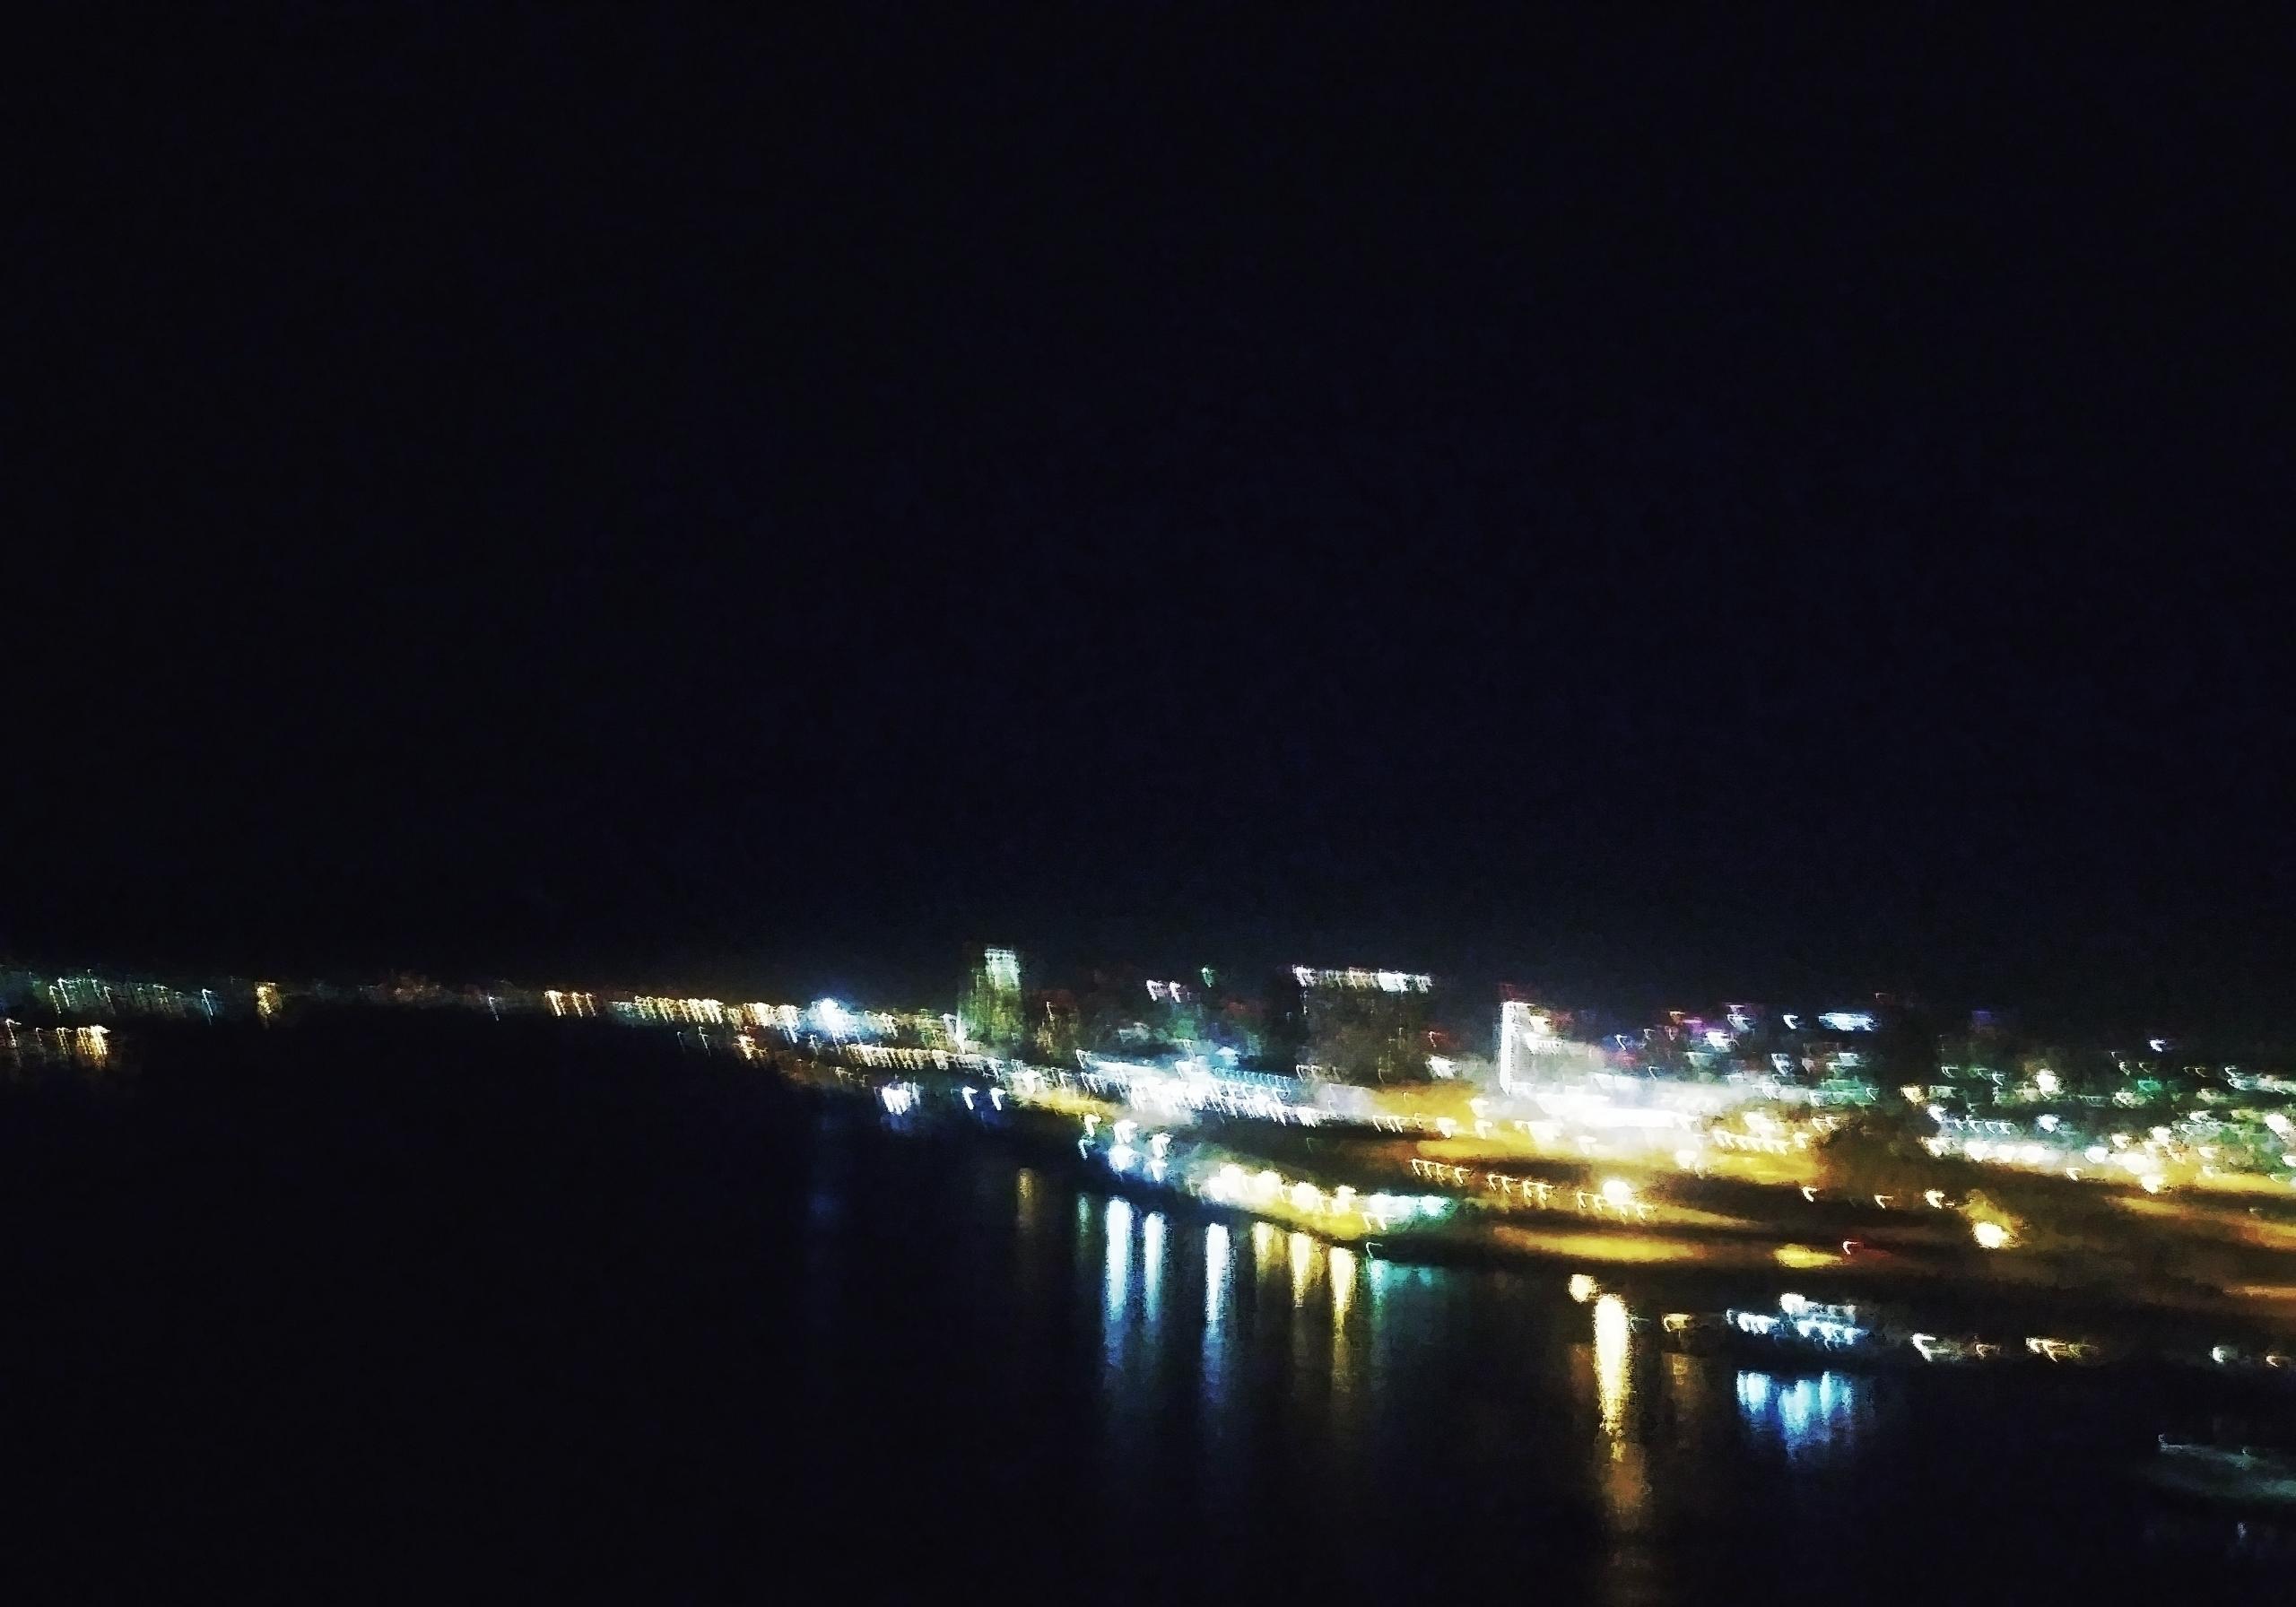 City Night bridge Oz. Coronado - melissadawn   ello